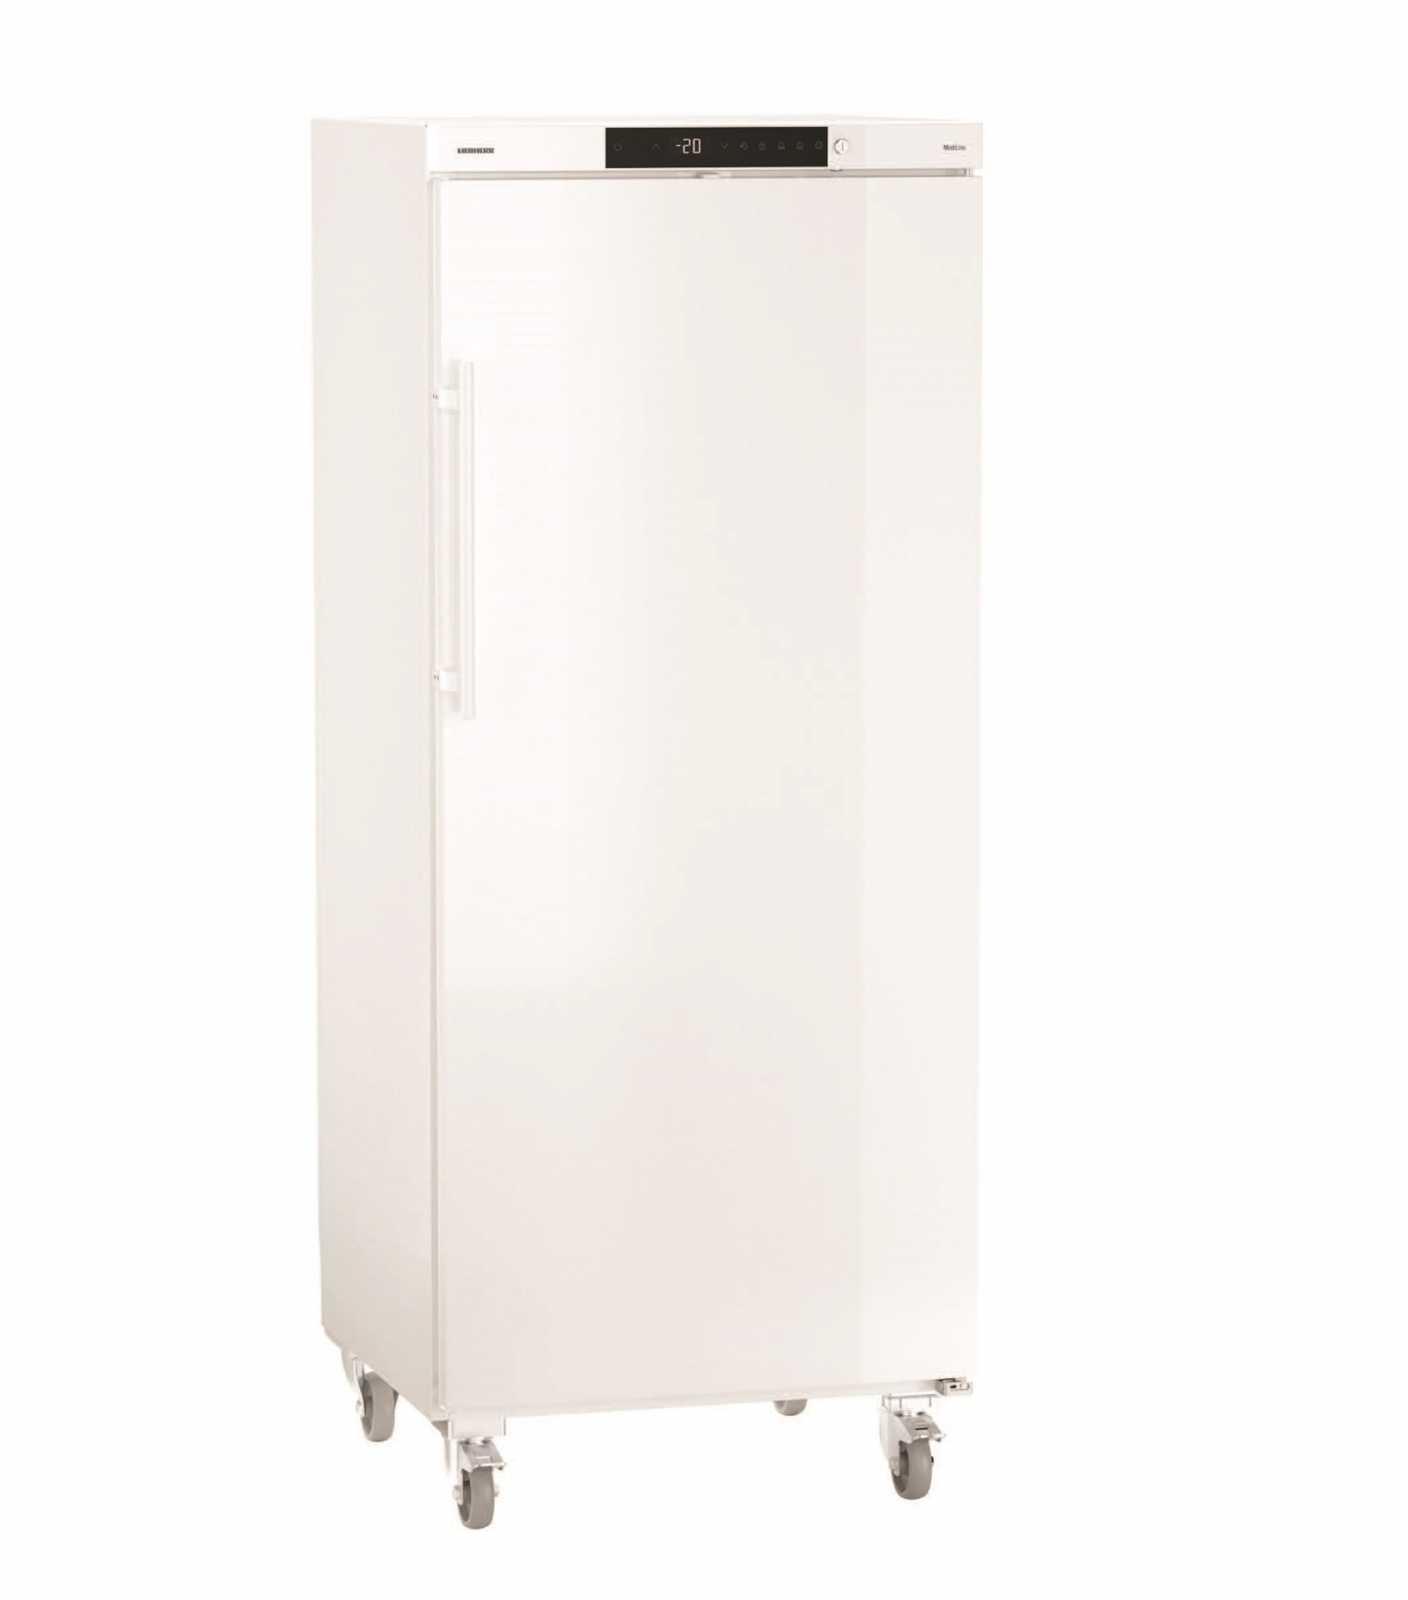 купить Лабораторный морозильный шкаф  Liebherr LGv 5010 Украина фото 2